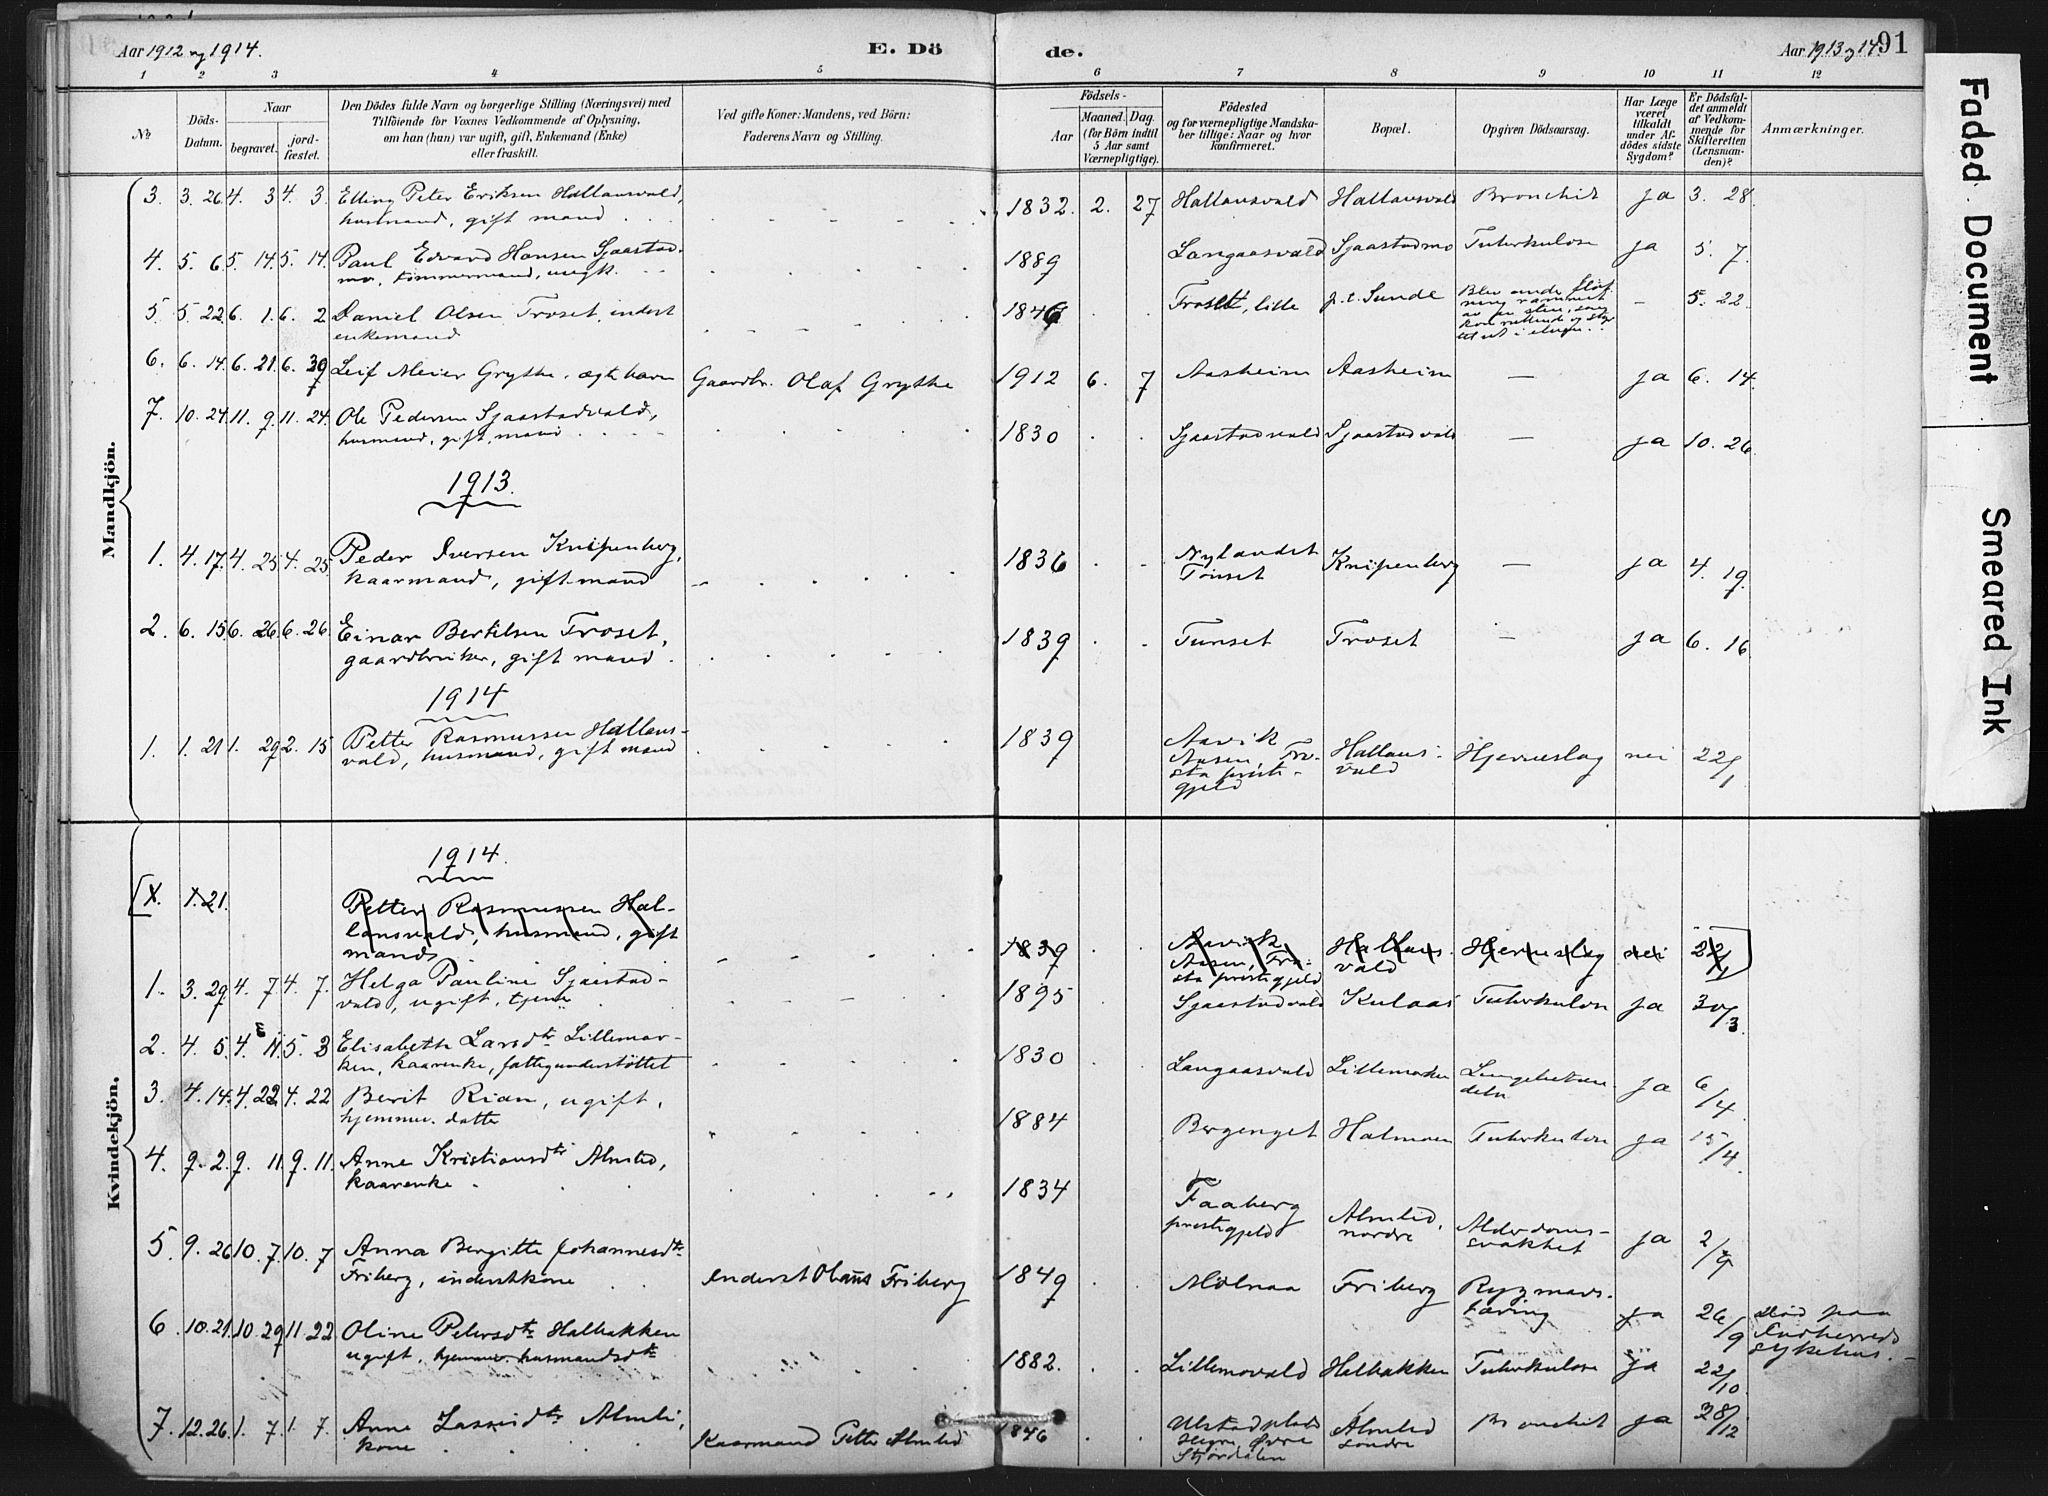 SAT, Ministerialprotokoller, klokkerbøker og fødselsregistre - Nord-Trøndelag, 718/L0175: Ministerialbok nr. 718A01, 1890-1923, s. 91